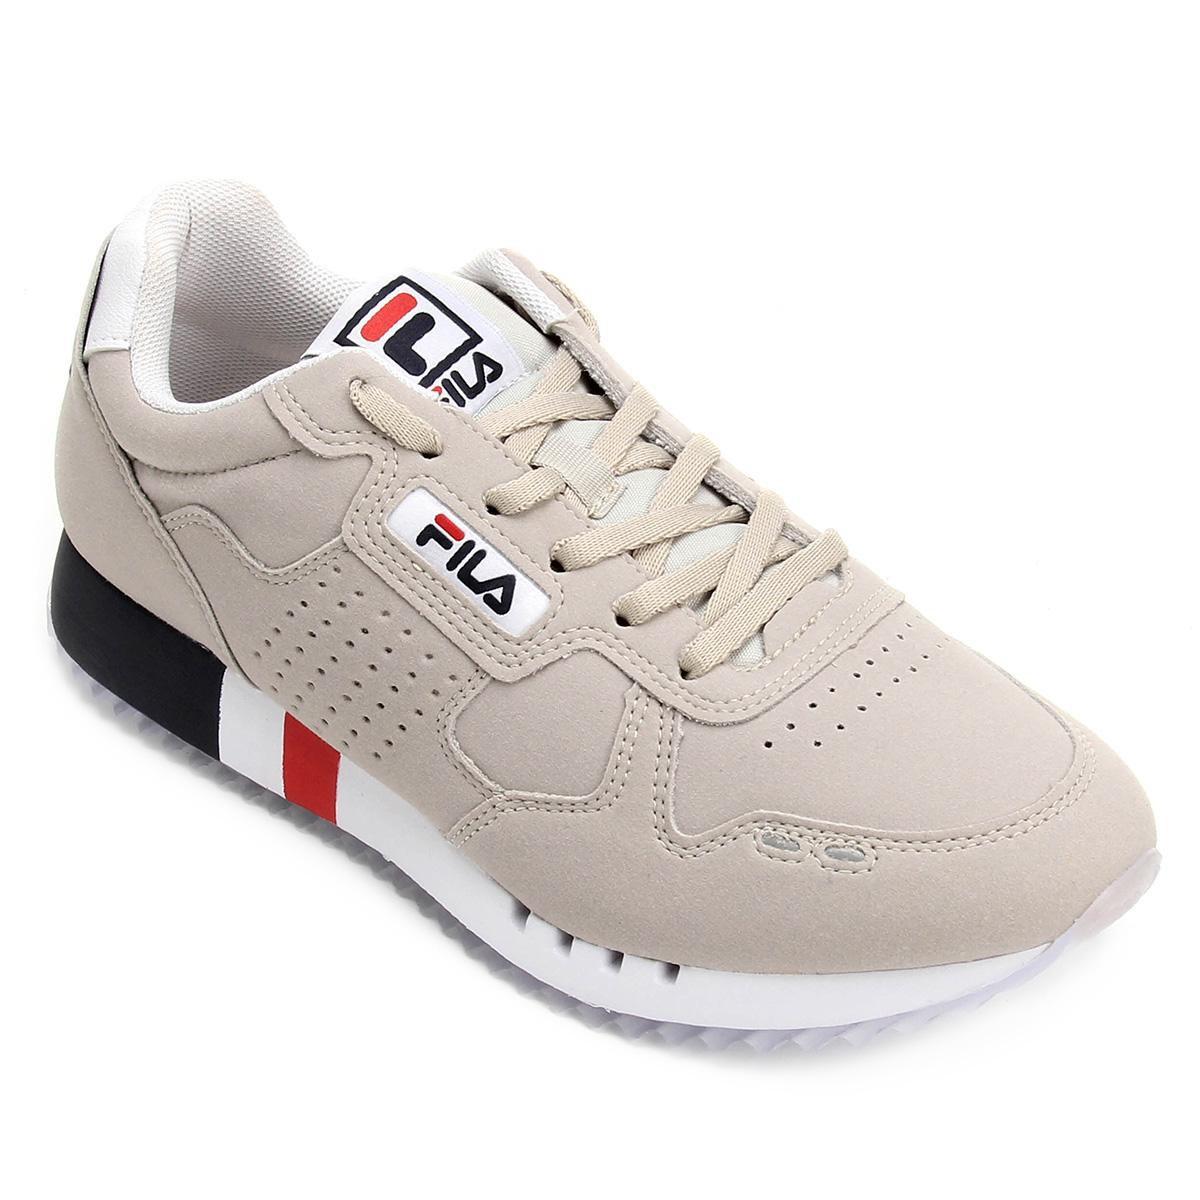 d3e13e61297c6 Tênis Fila Classic 92 Masculino - Bege e Branco - Compre Agora ...